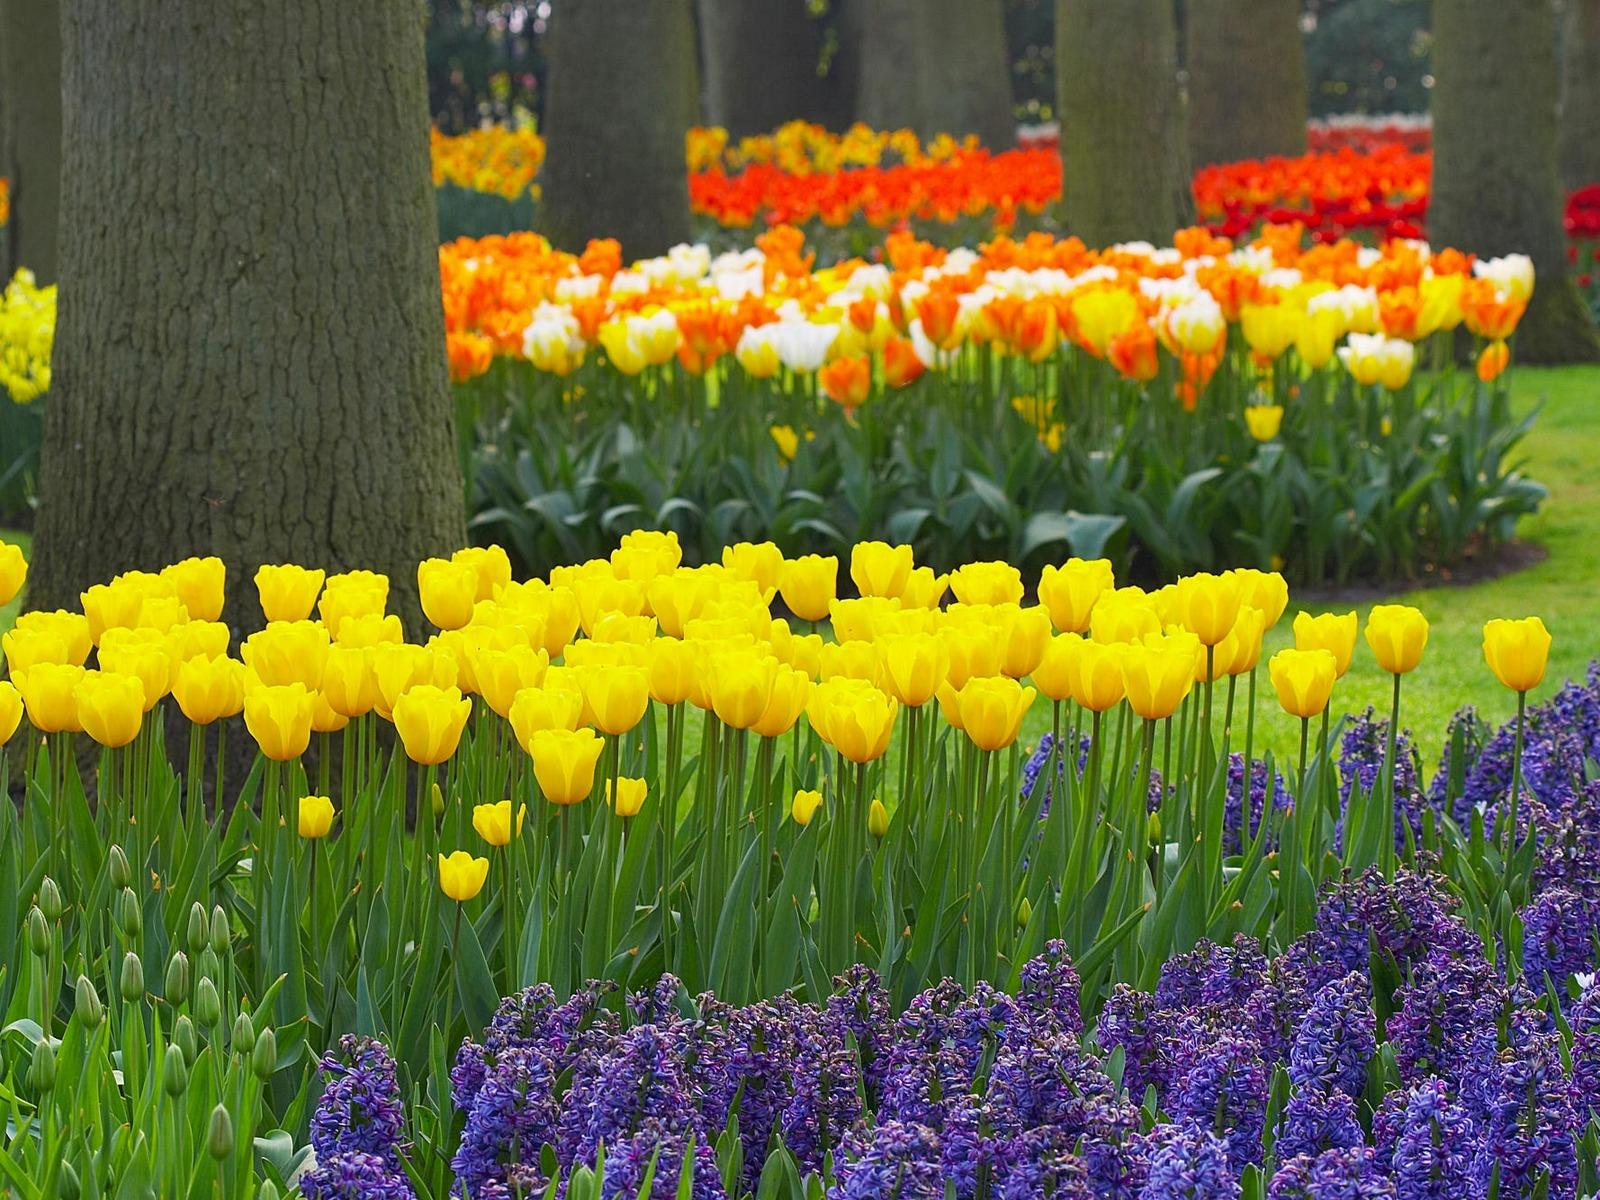 sweet spring garden image